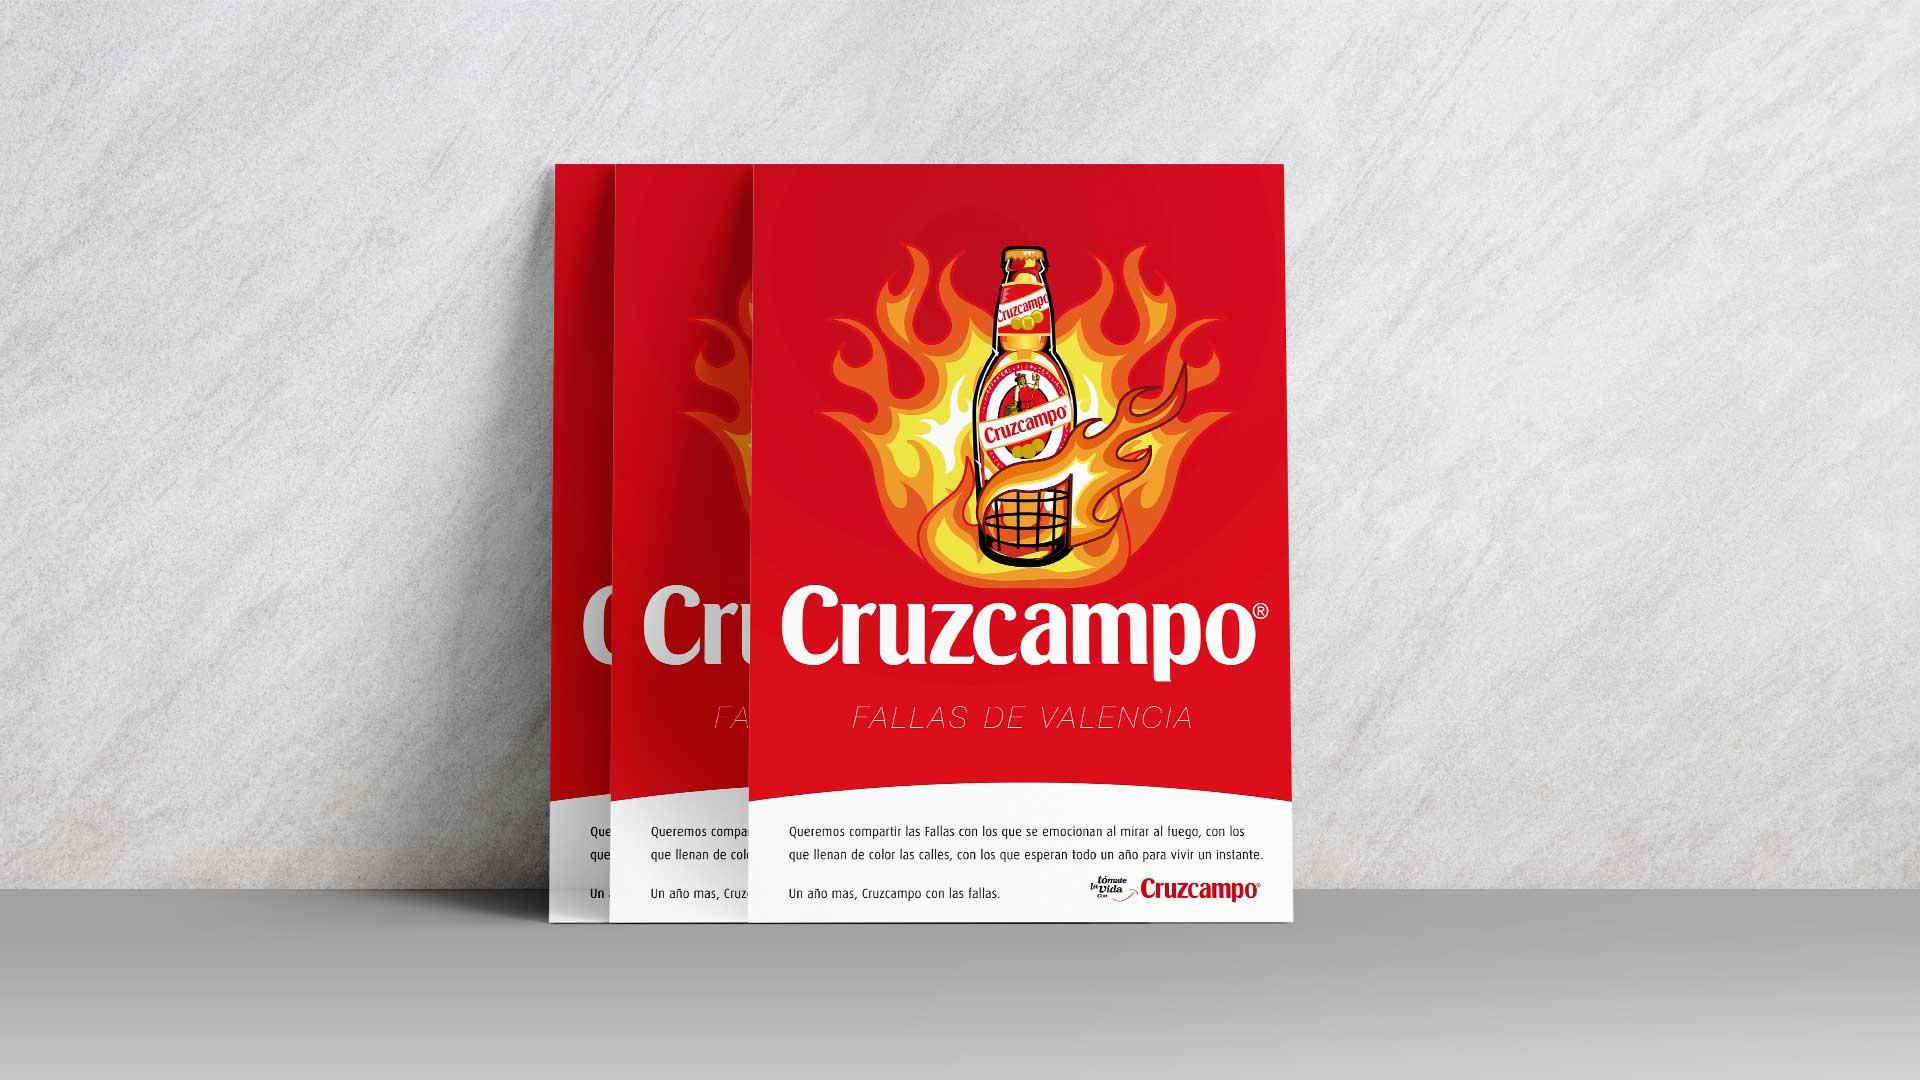 1c_advertising_design_graphic_cruzcampo_fallas